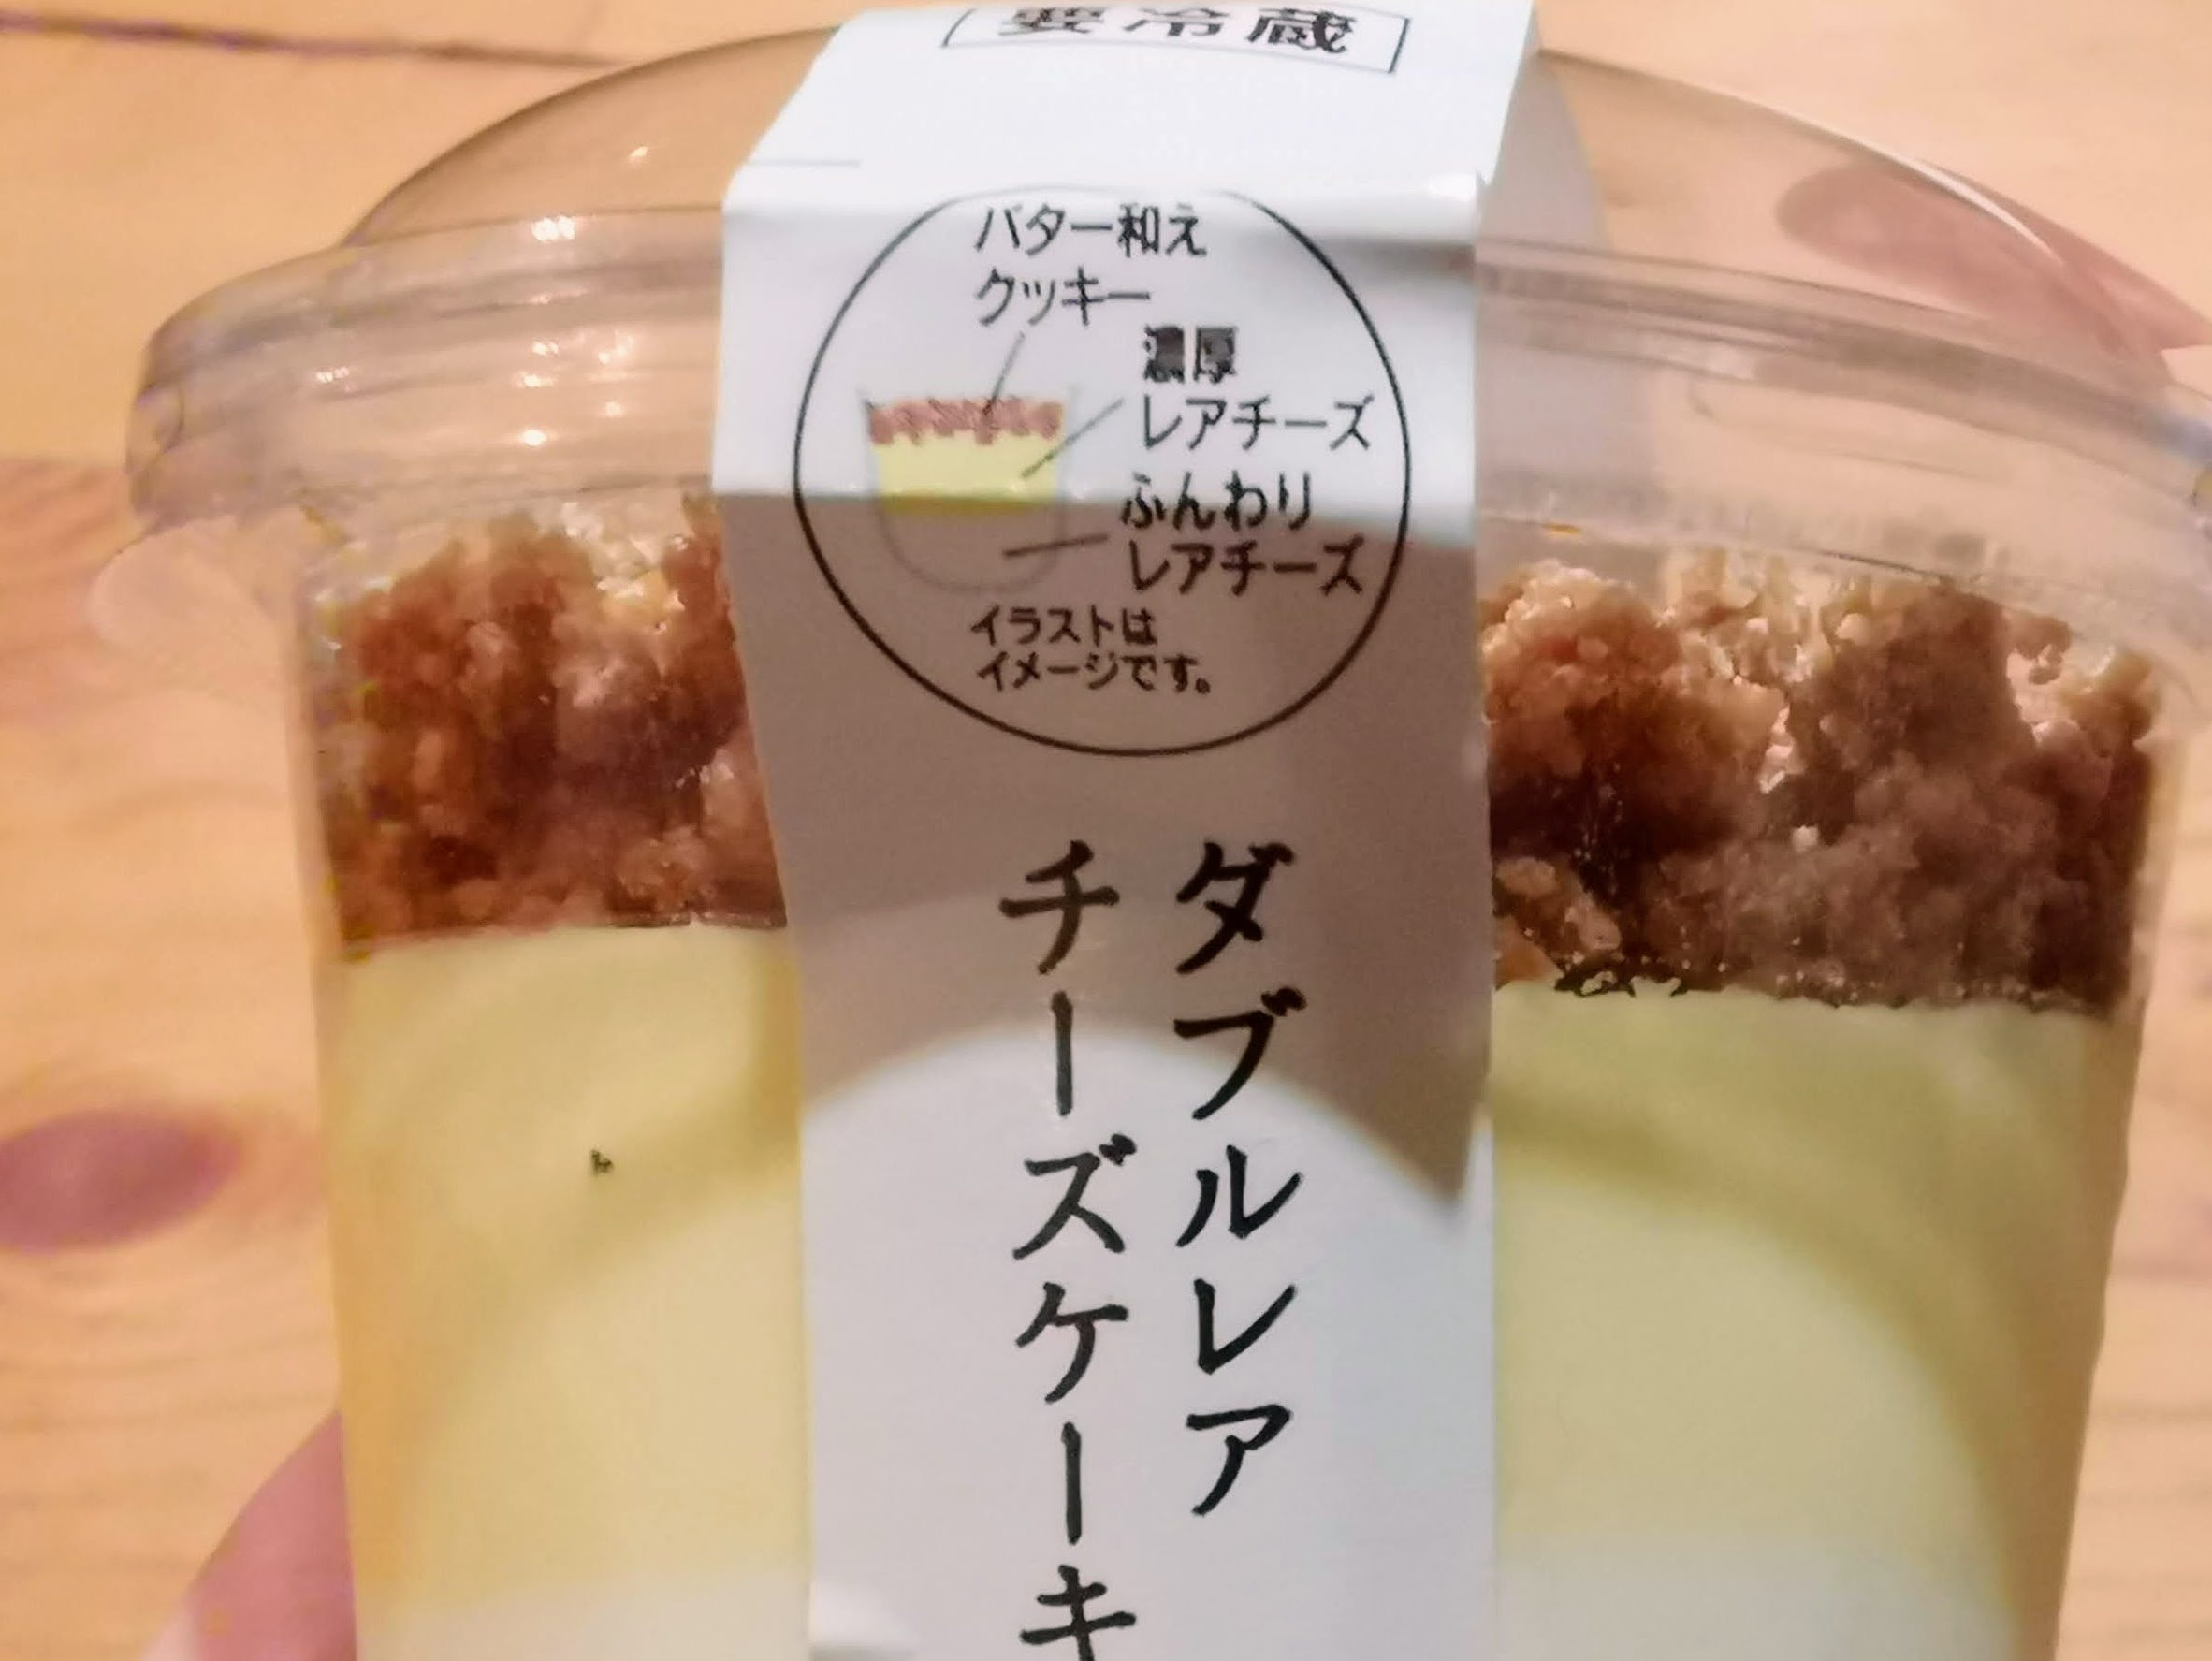 セブンイレブン ダブルレアチーズケーキ (5)